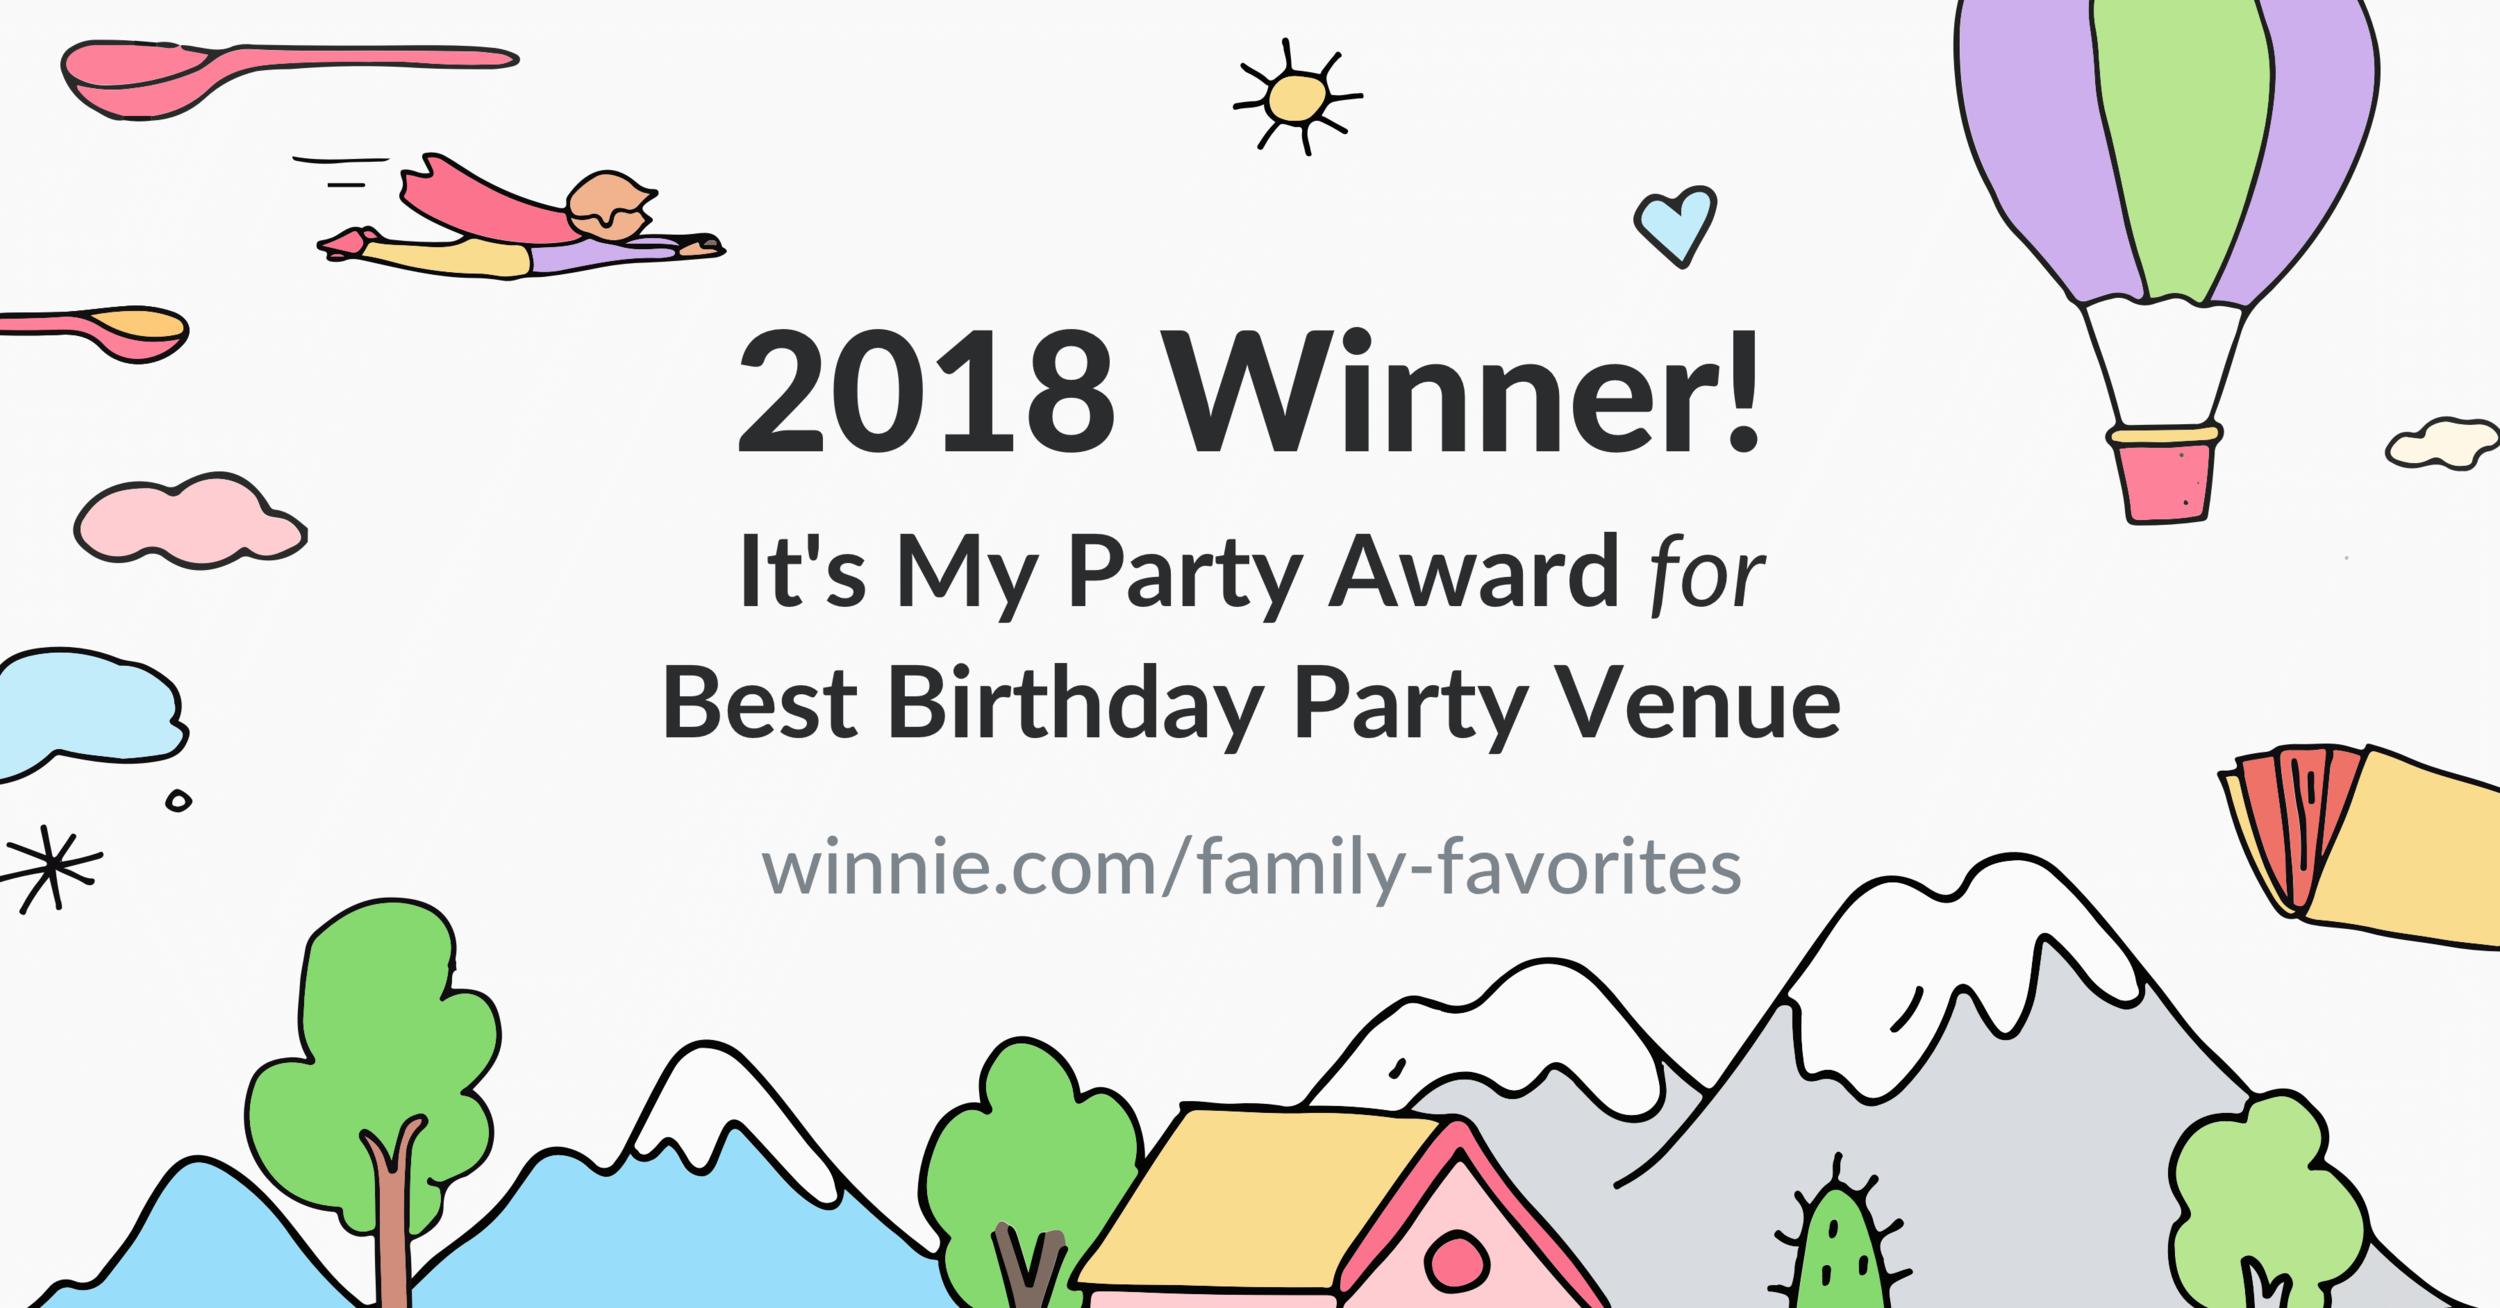 facebook_party_venue_2018.png